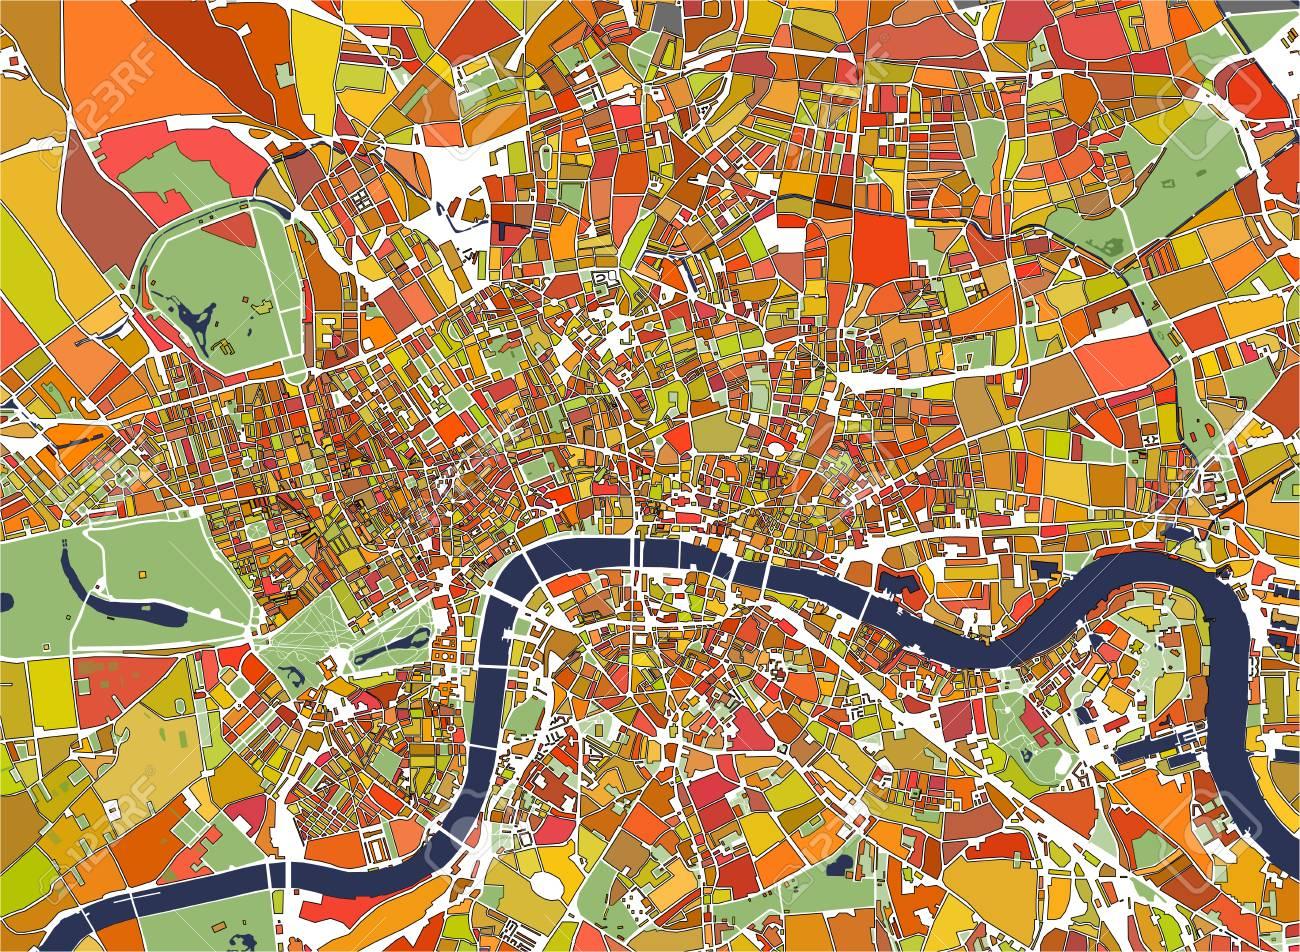 Immagini Della Cartina Della Gran Bretagna.Immagini Stock Illustrazione Mappa Multicolore Della Citta Di Londra Gran Bretagna Image 88551657